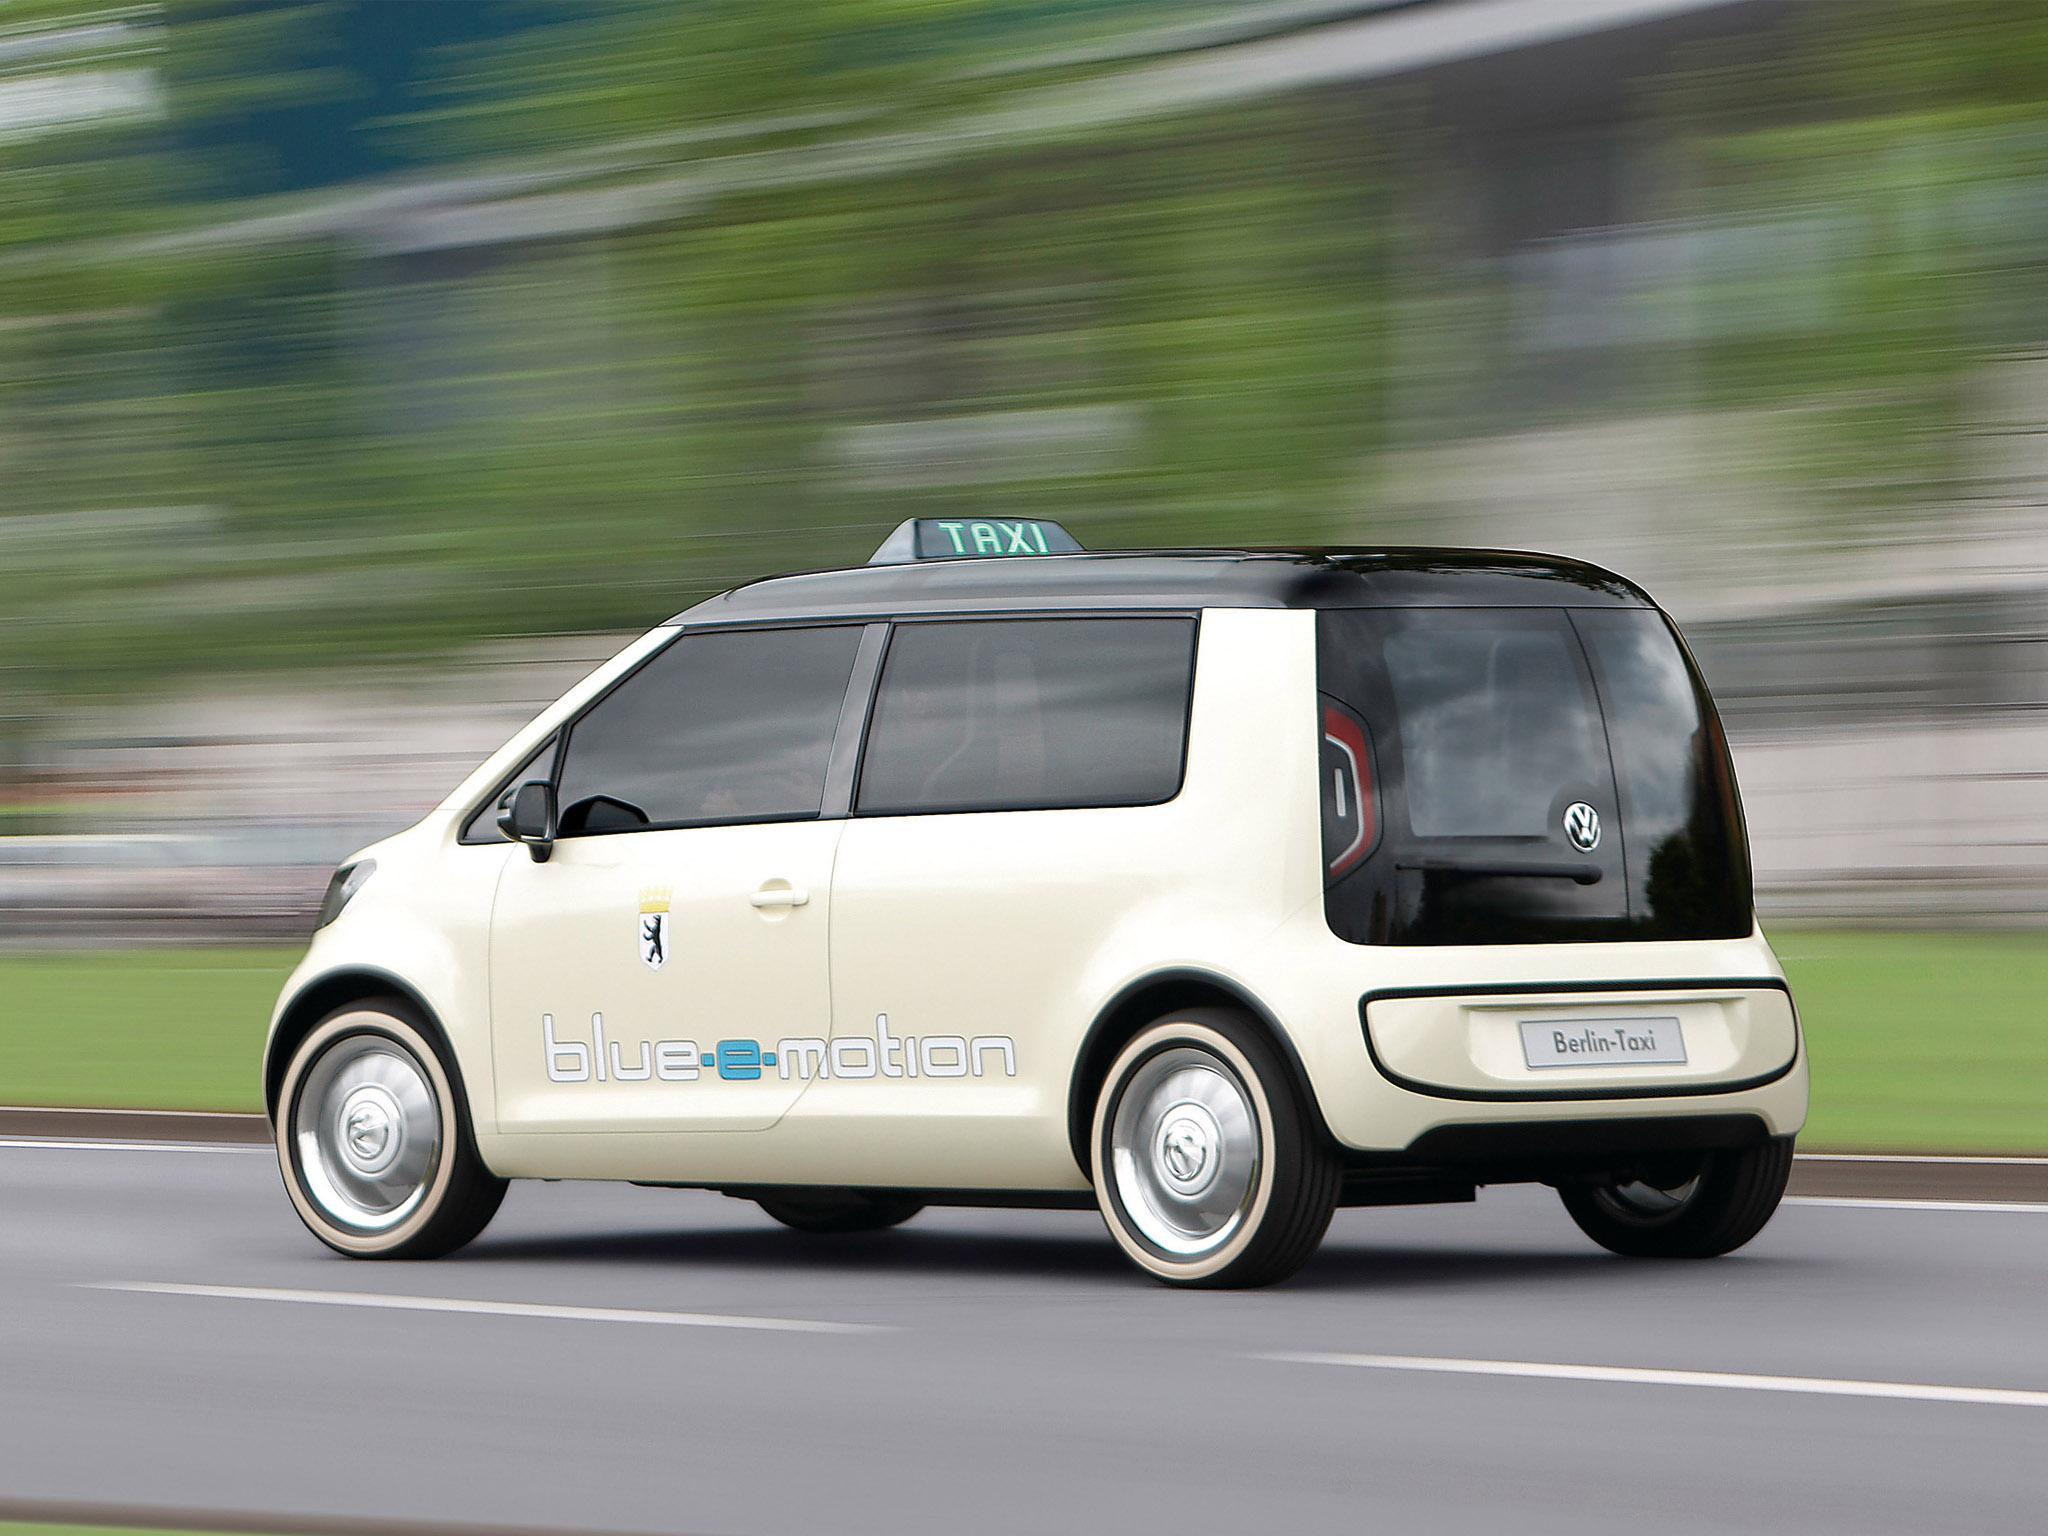 volkswagen berlin taxi concept 2010 volkswagen berlin taxi. Black Bedroom Furniture Sets. Home Design Ideas